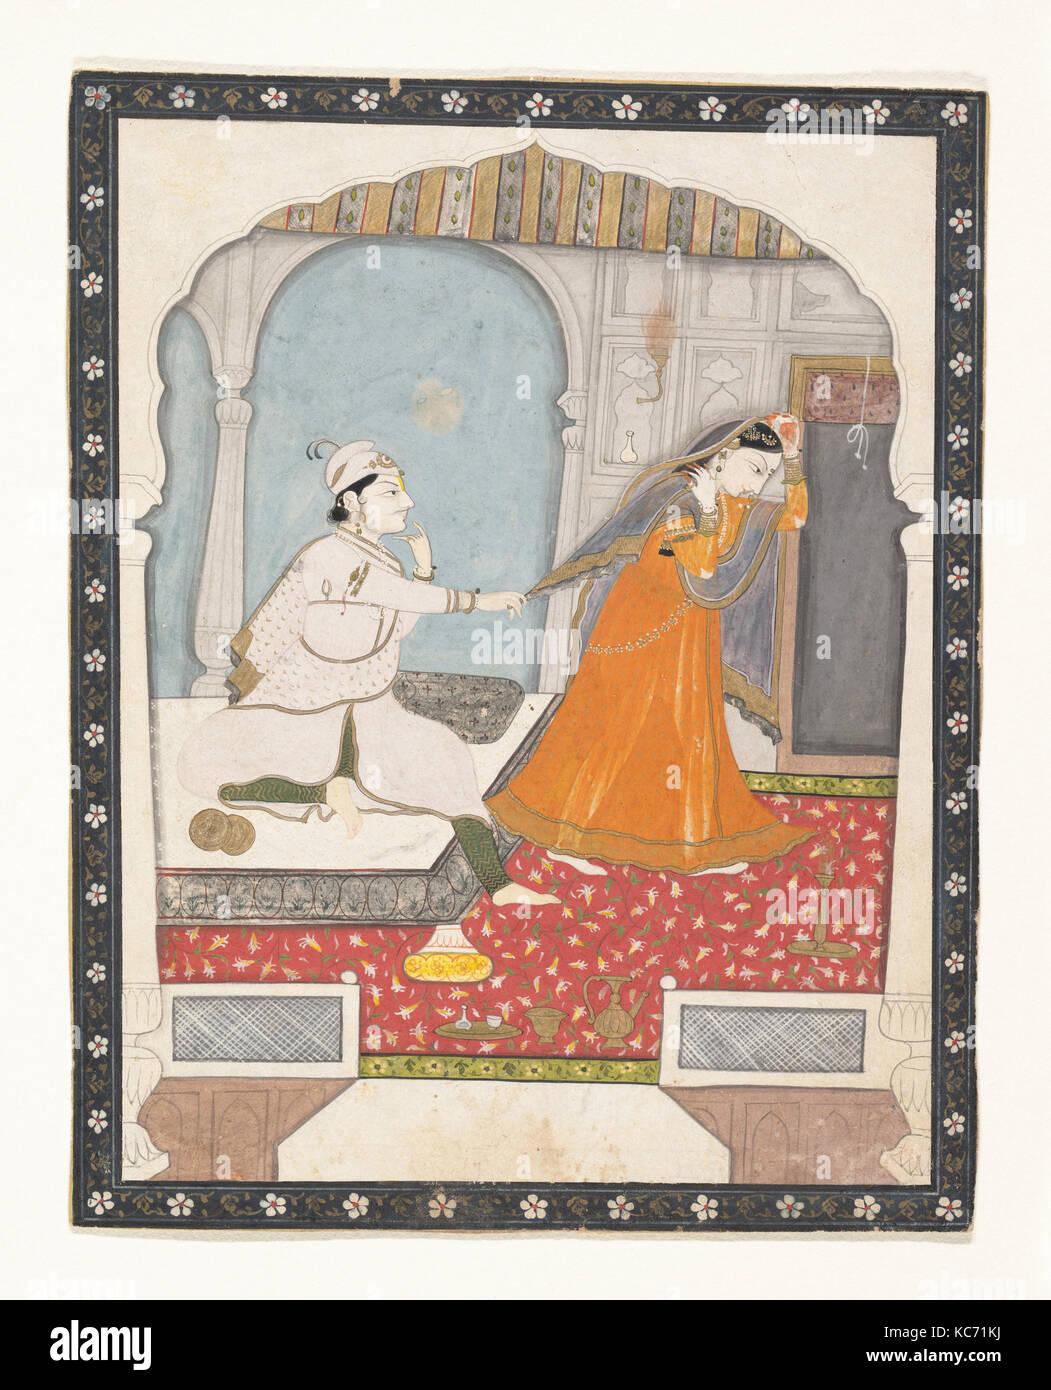 La timide épouse, ca. 1800, l'Inde (Punjab), de kangra hills, encre, aquarelle, opaque et dorure sur papier, Photo Stock